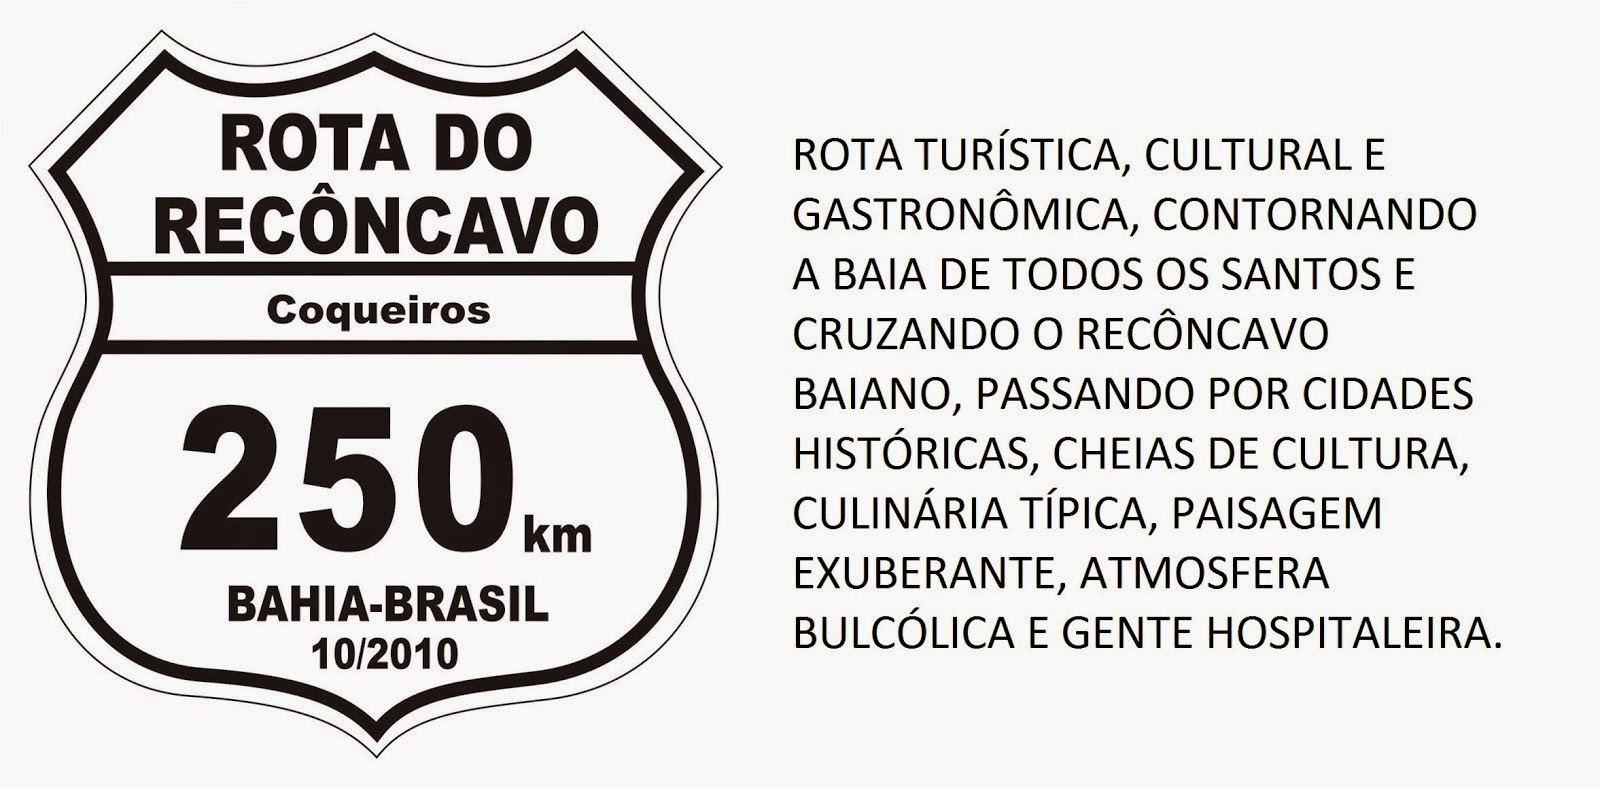 ROTA DO RECÔNCAVO